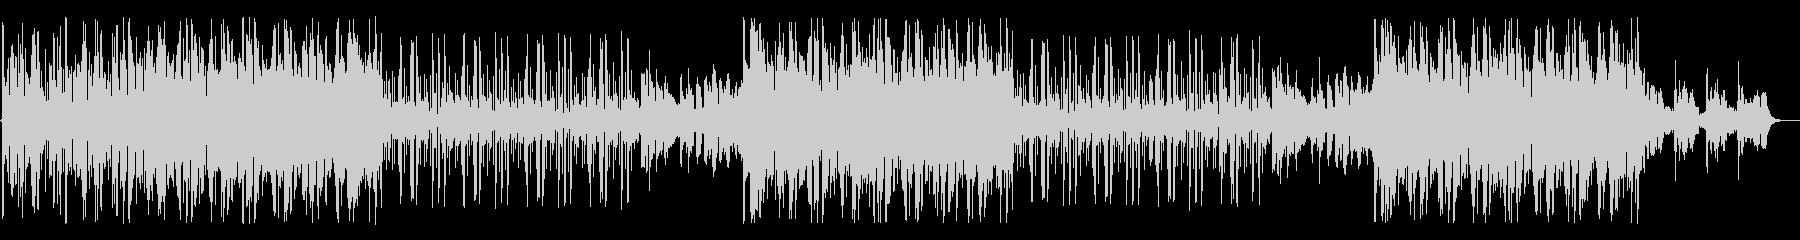 民族楽器を使ったジャズ風ローファイBGMの未再生の波形